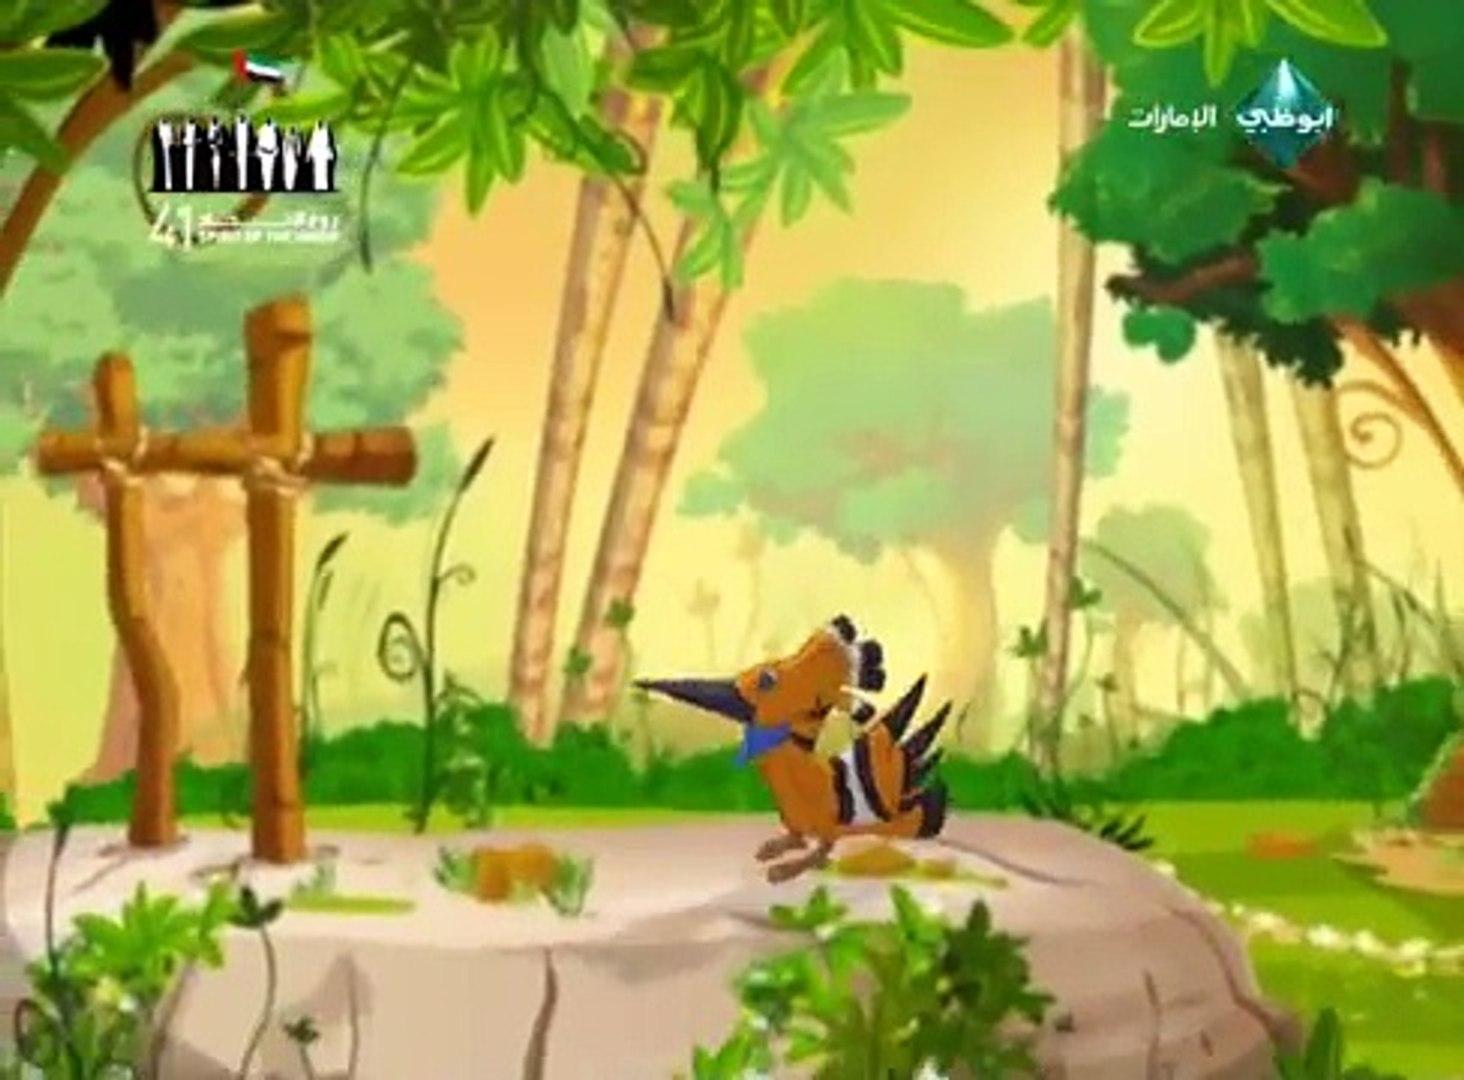 21 - قصص الحيوان فى القرآن - 2011